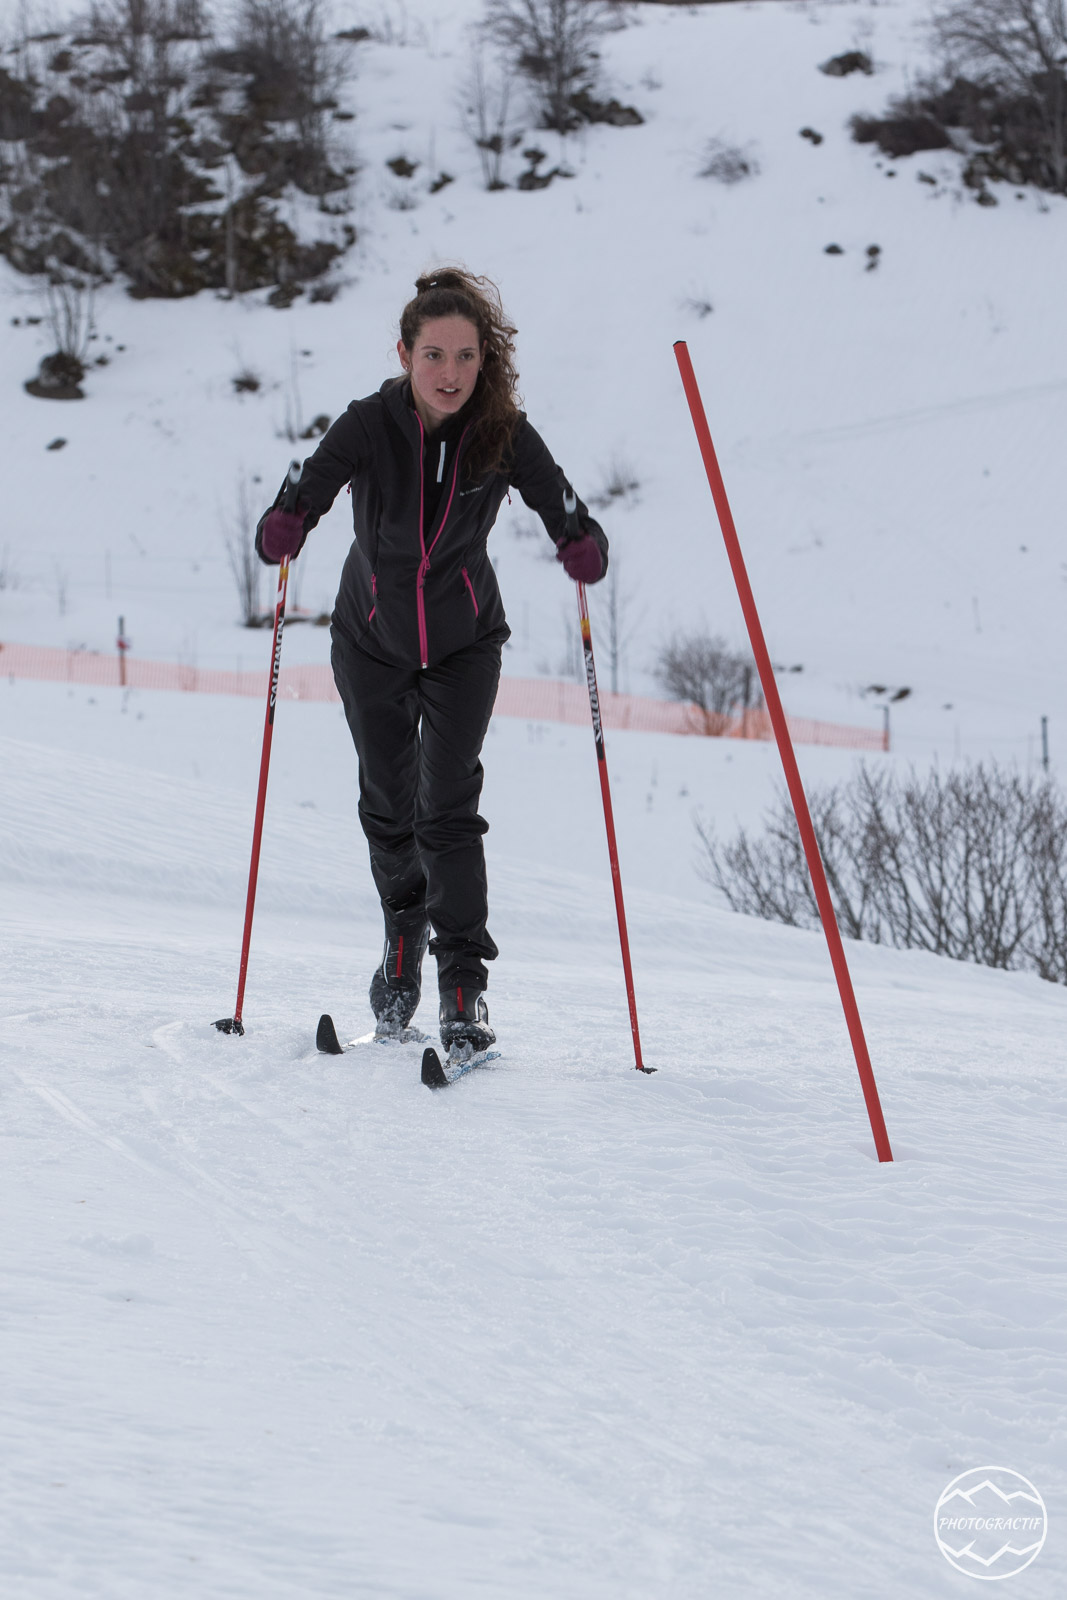 DSN Entrainement Ski Raquettes (20)